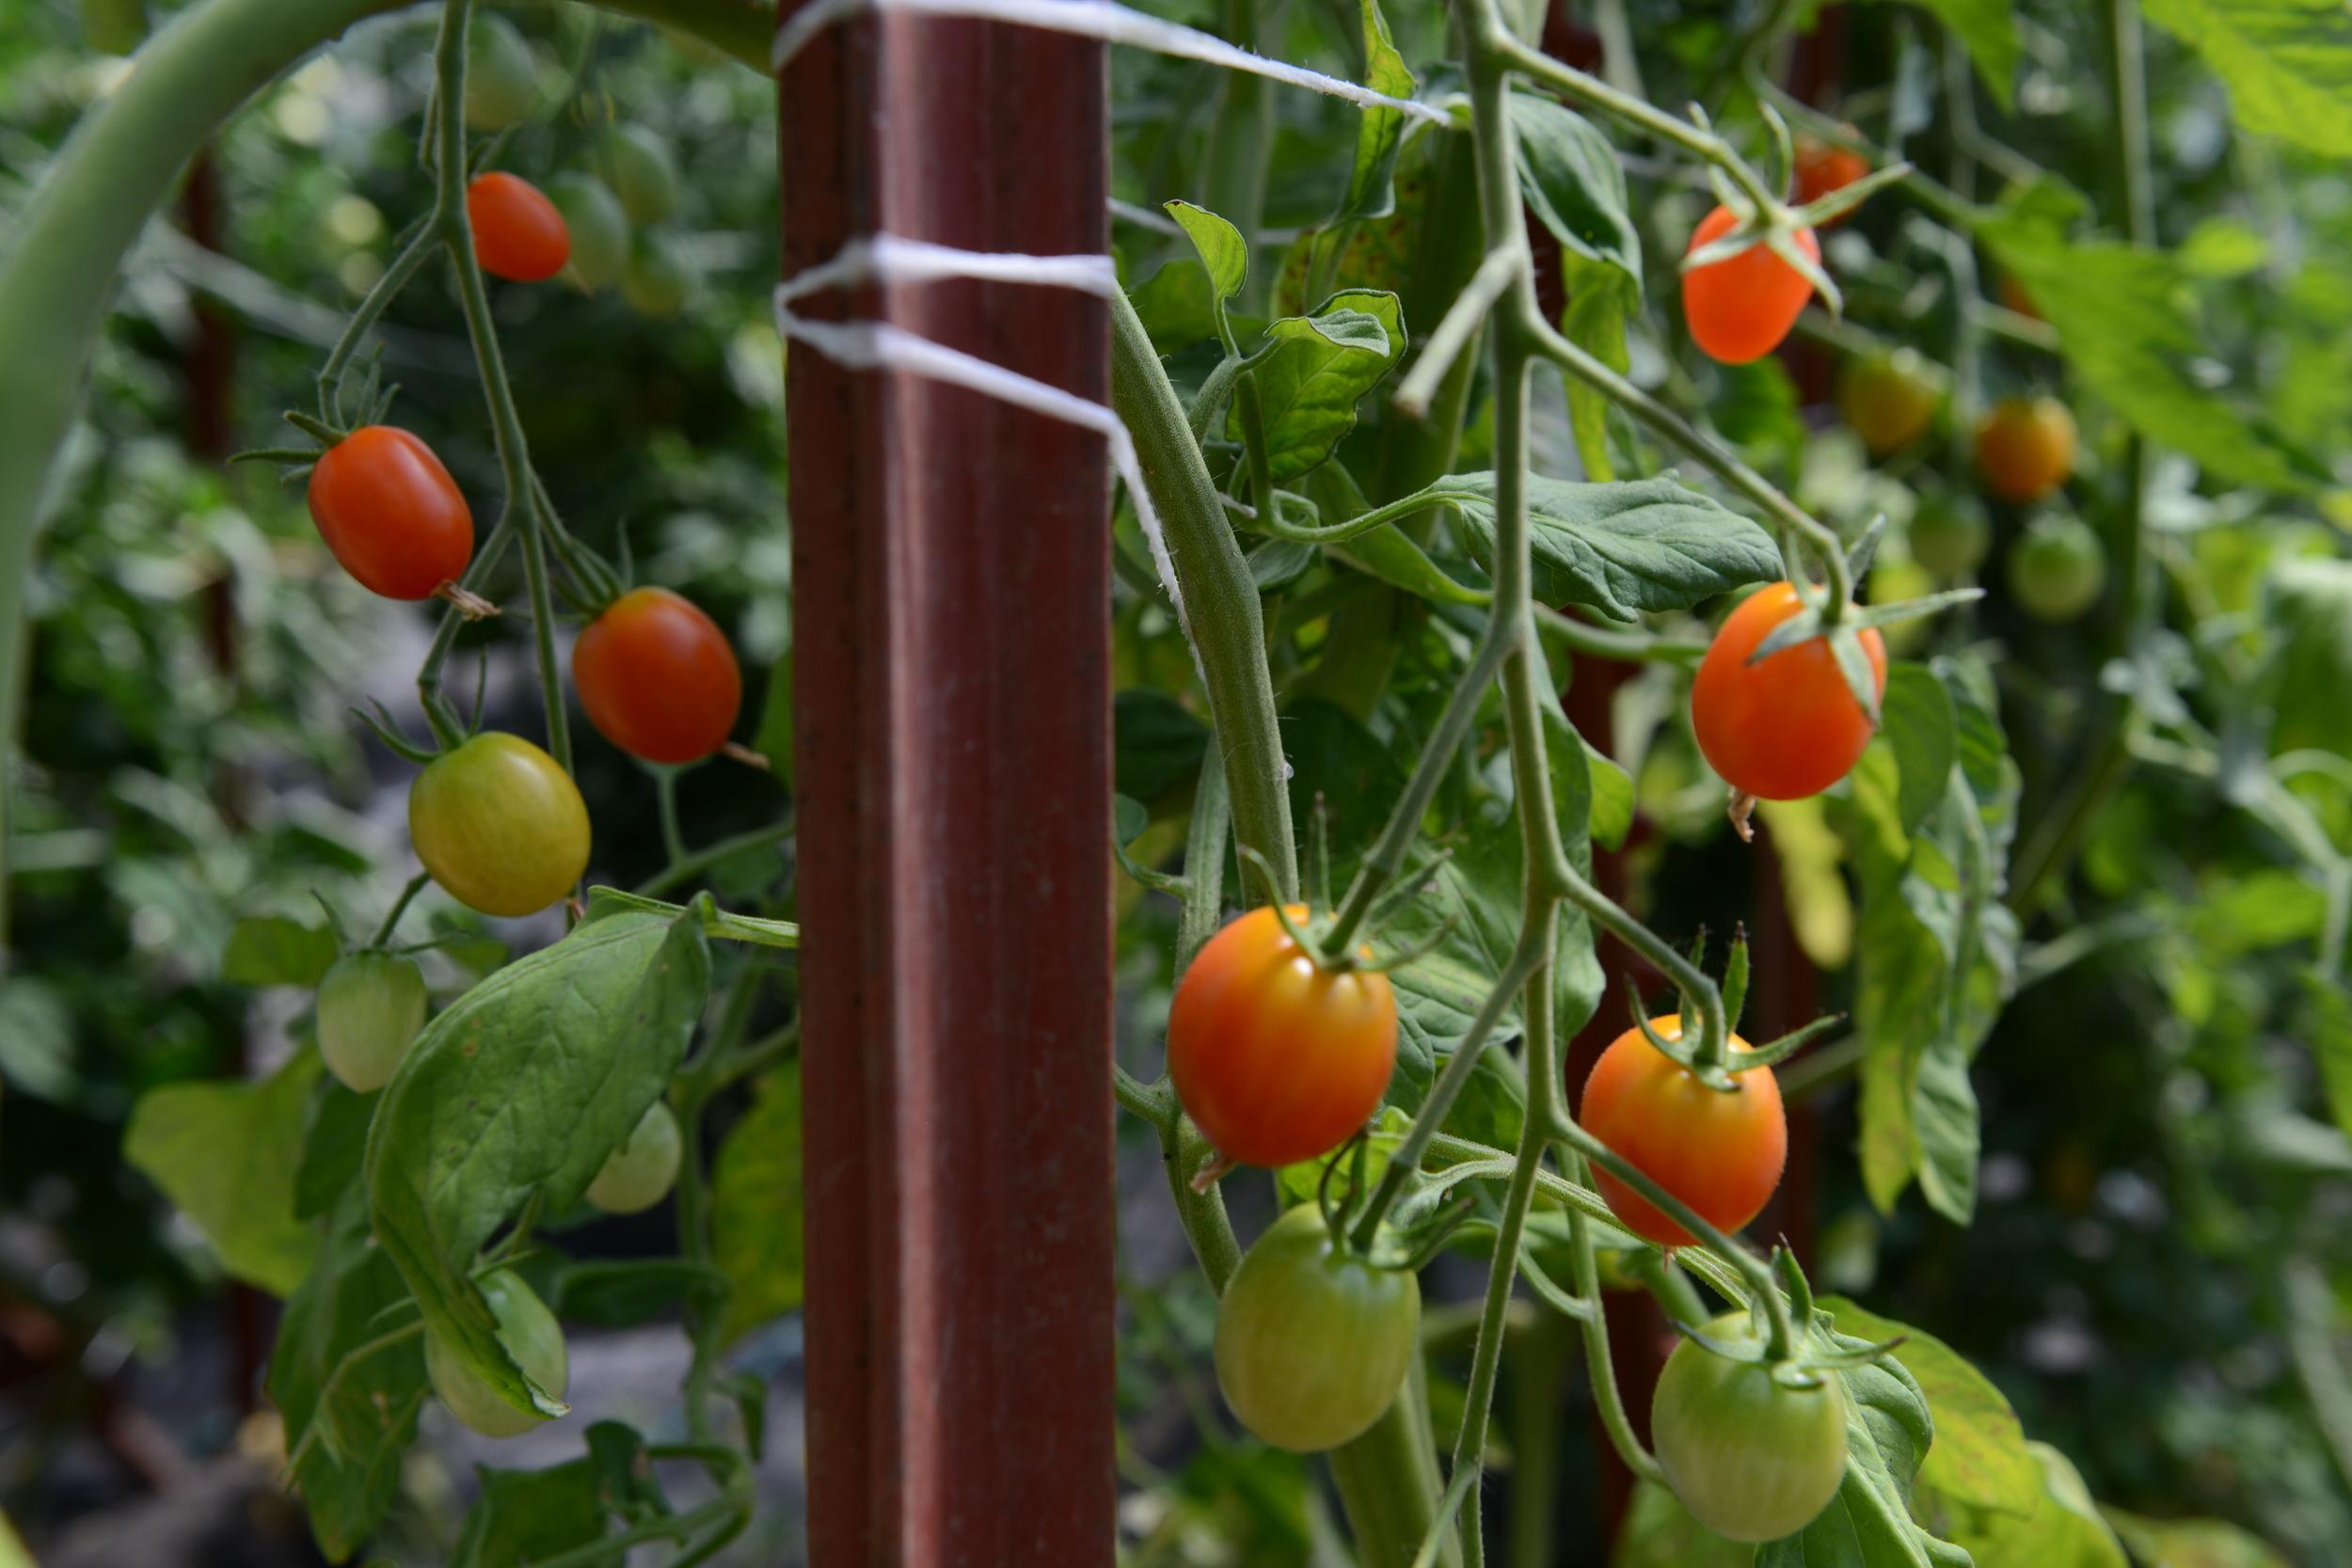 'Sweetie' cherry tomatoes